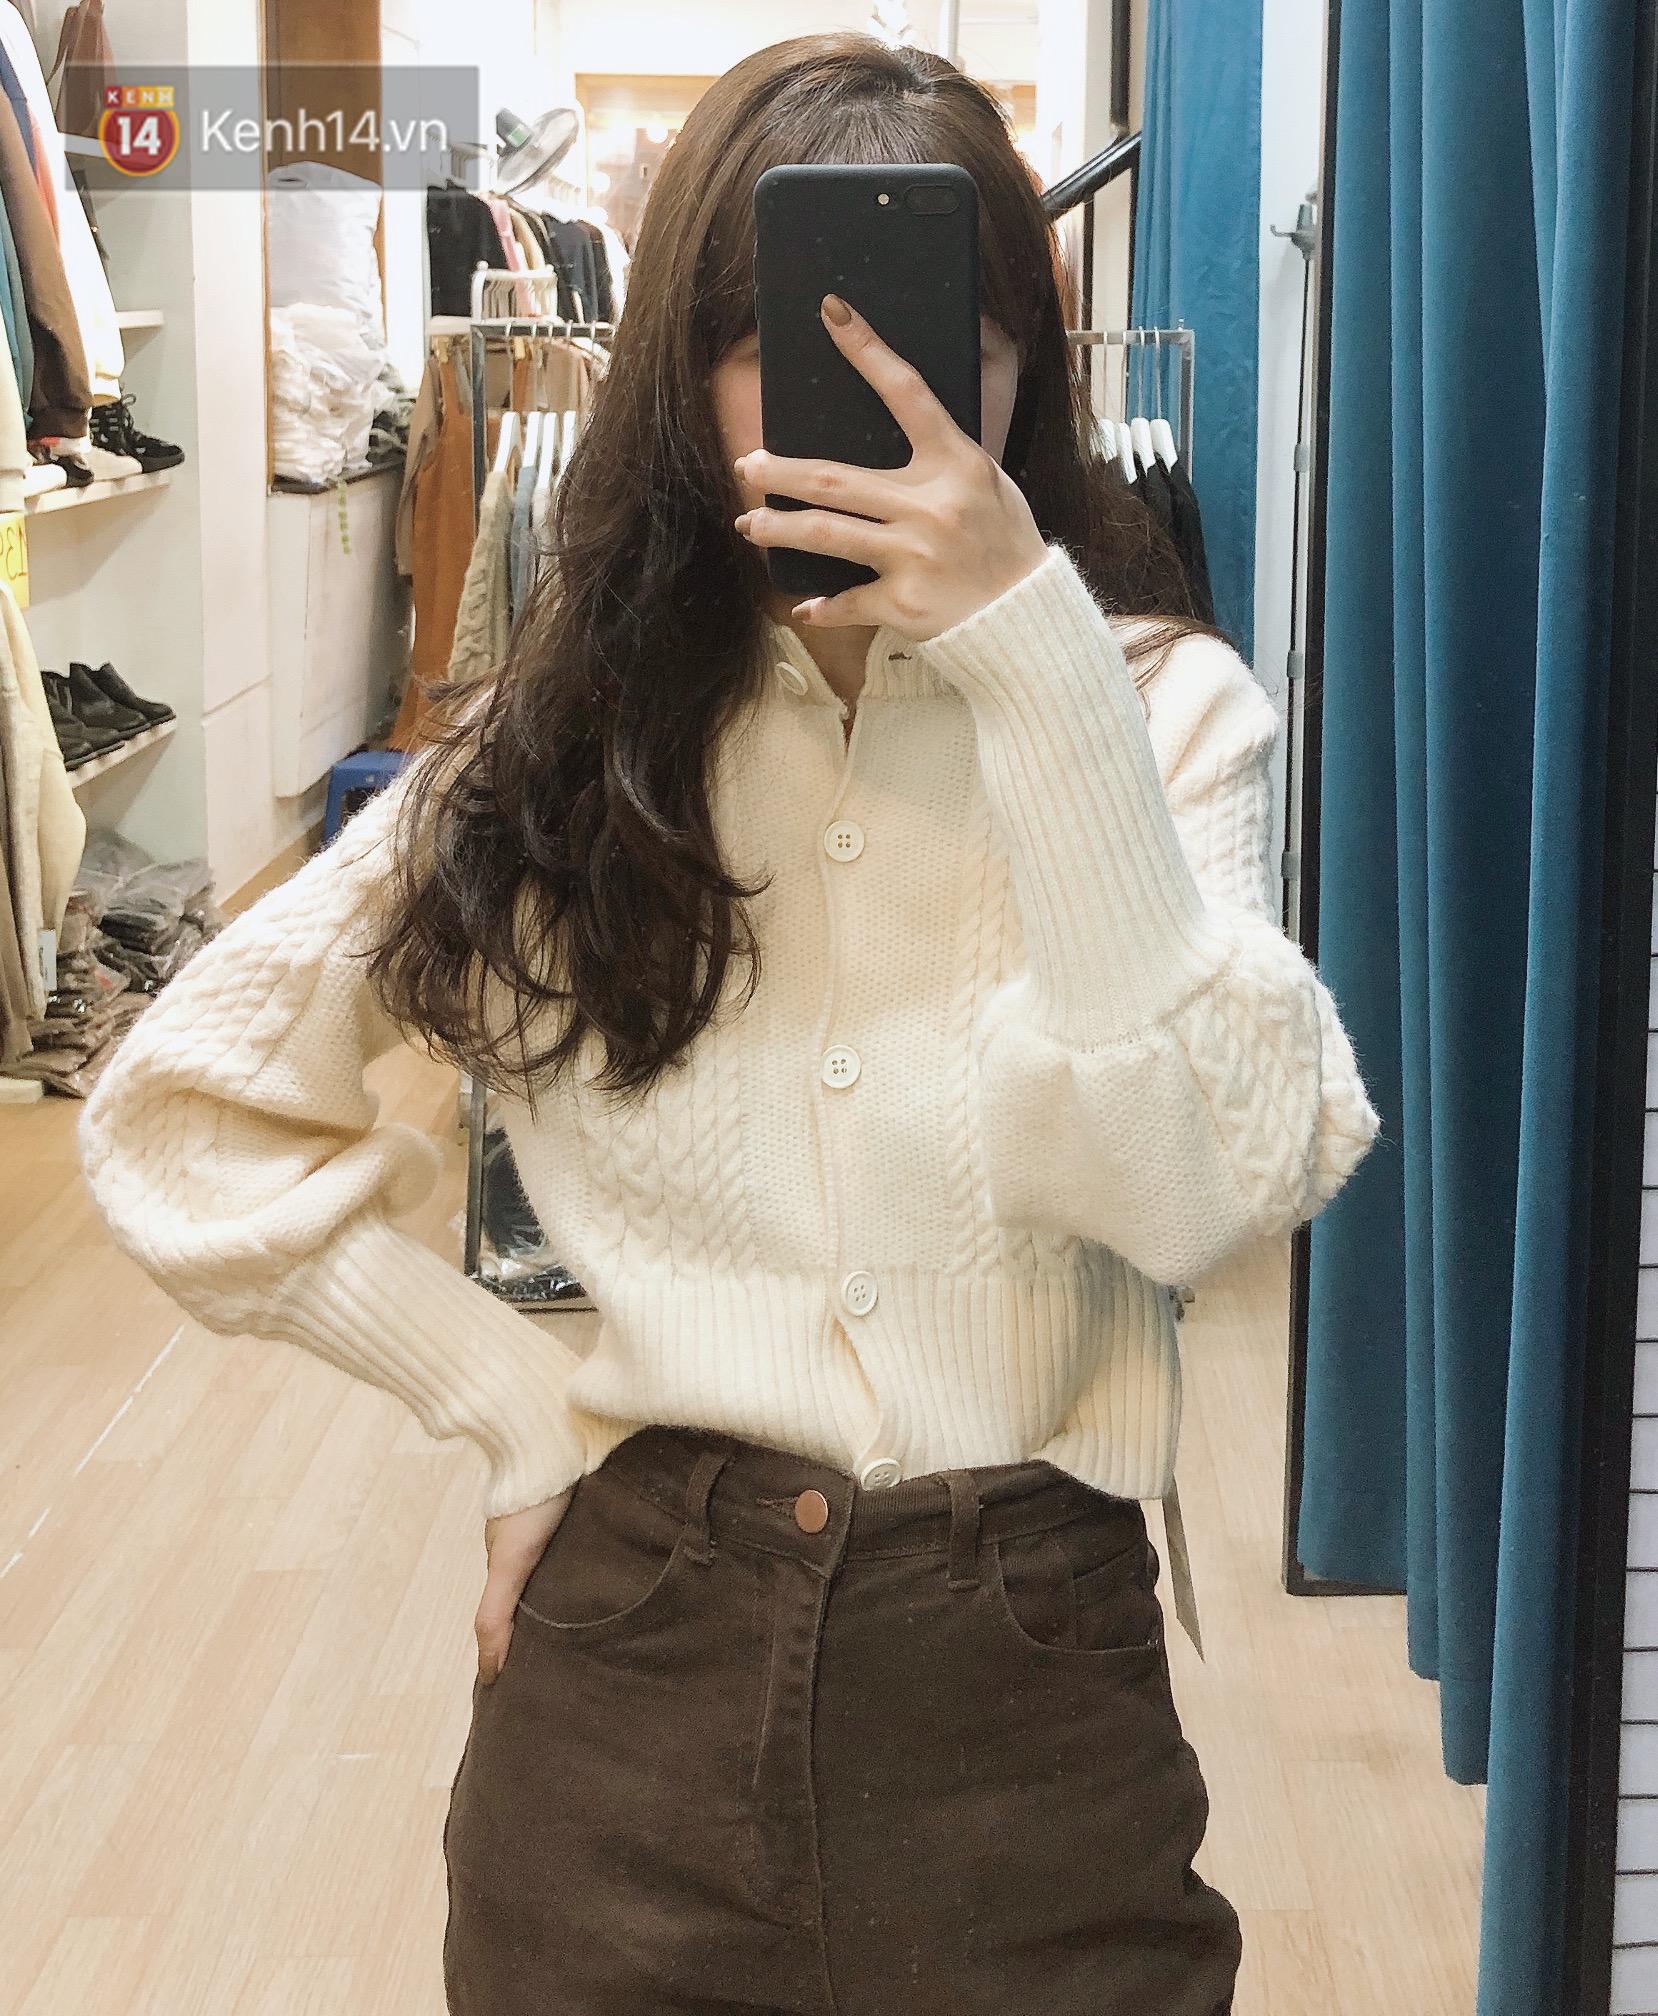 Mua áo len ở khu Chùa Láng: Chỉ từ 280K đã sắm được áo vừa xinh vừa ấm - Ảnh 4.